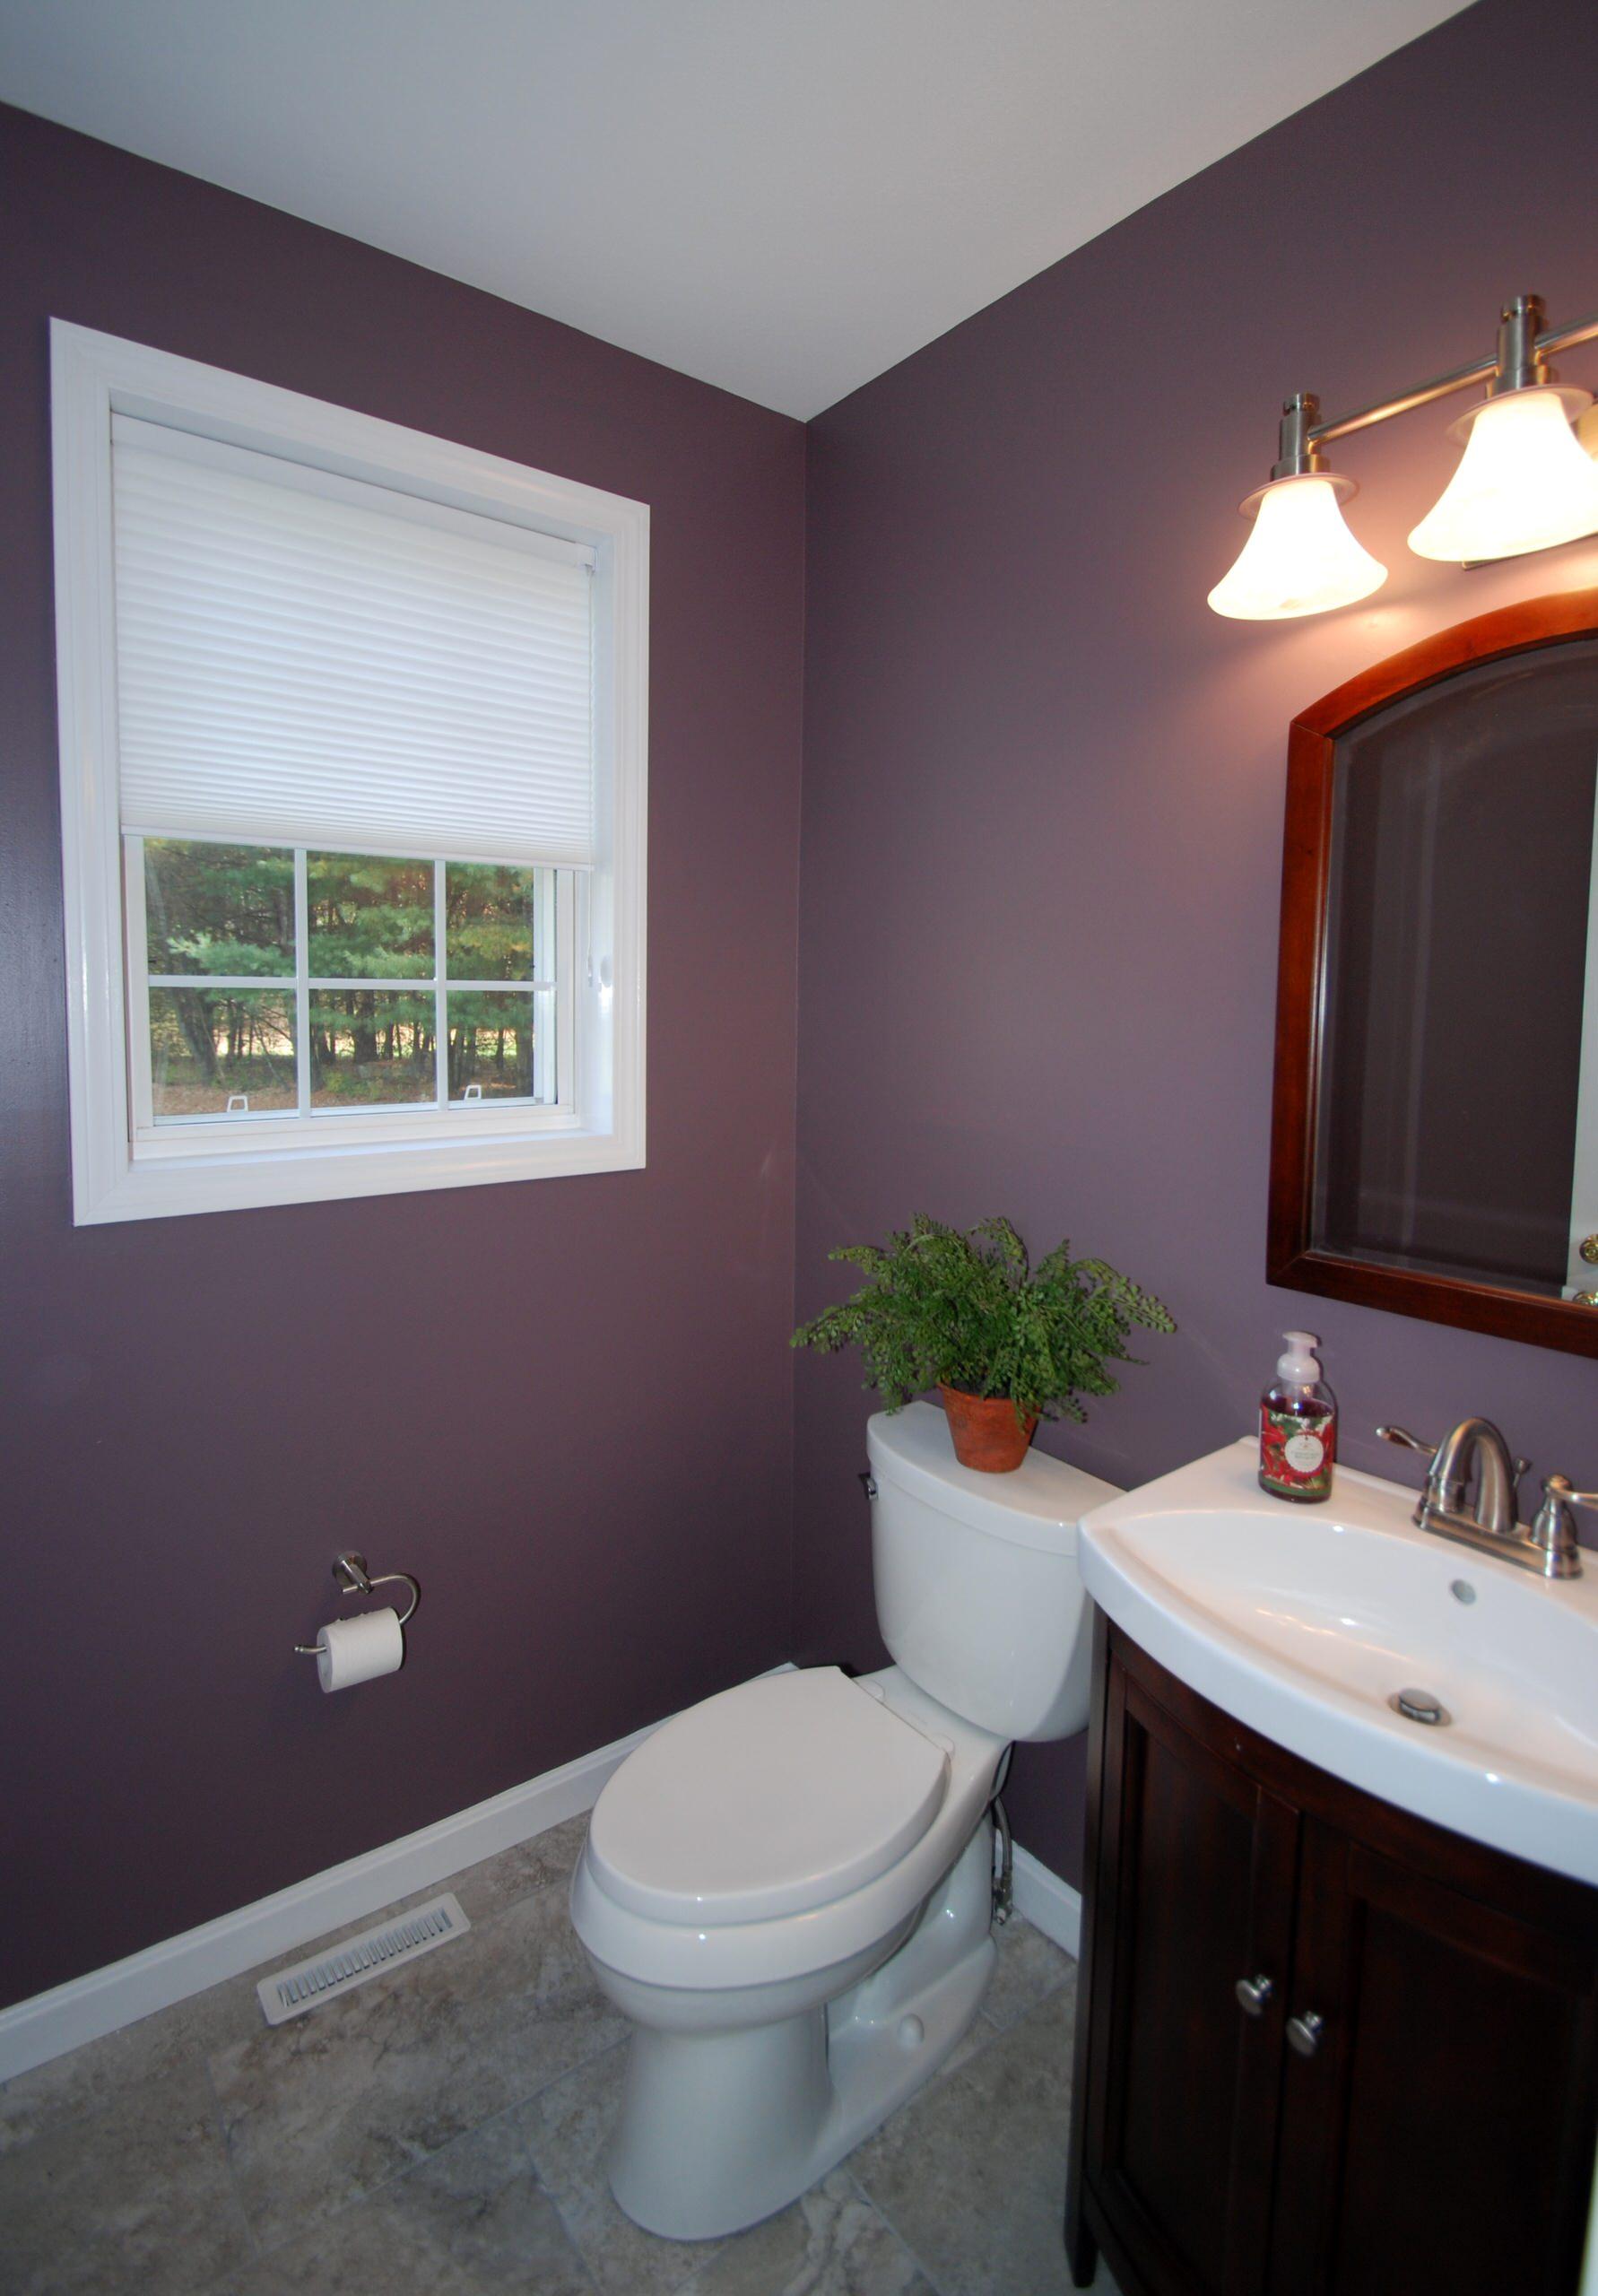 Ванная цвета баклажана с белой раковиной, белым унитазом и жалюзи